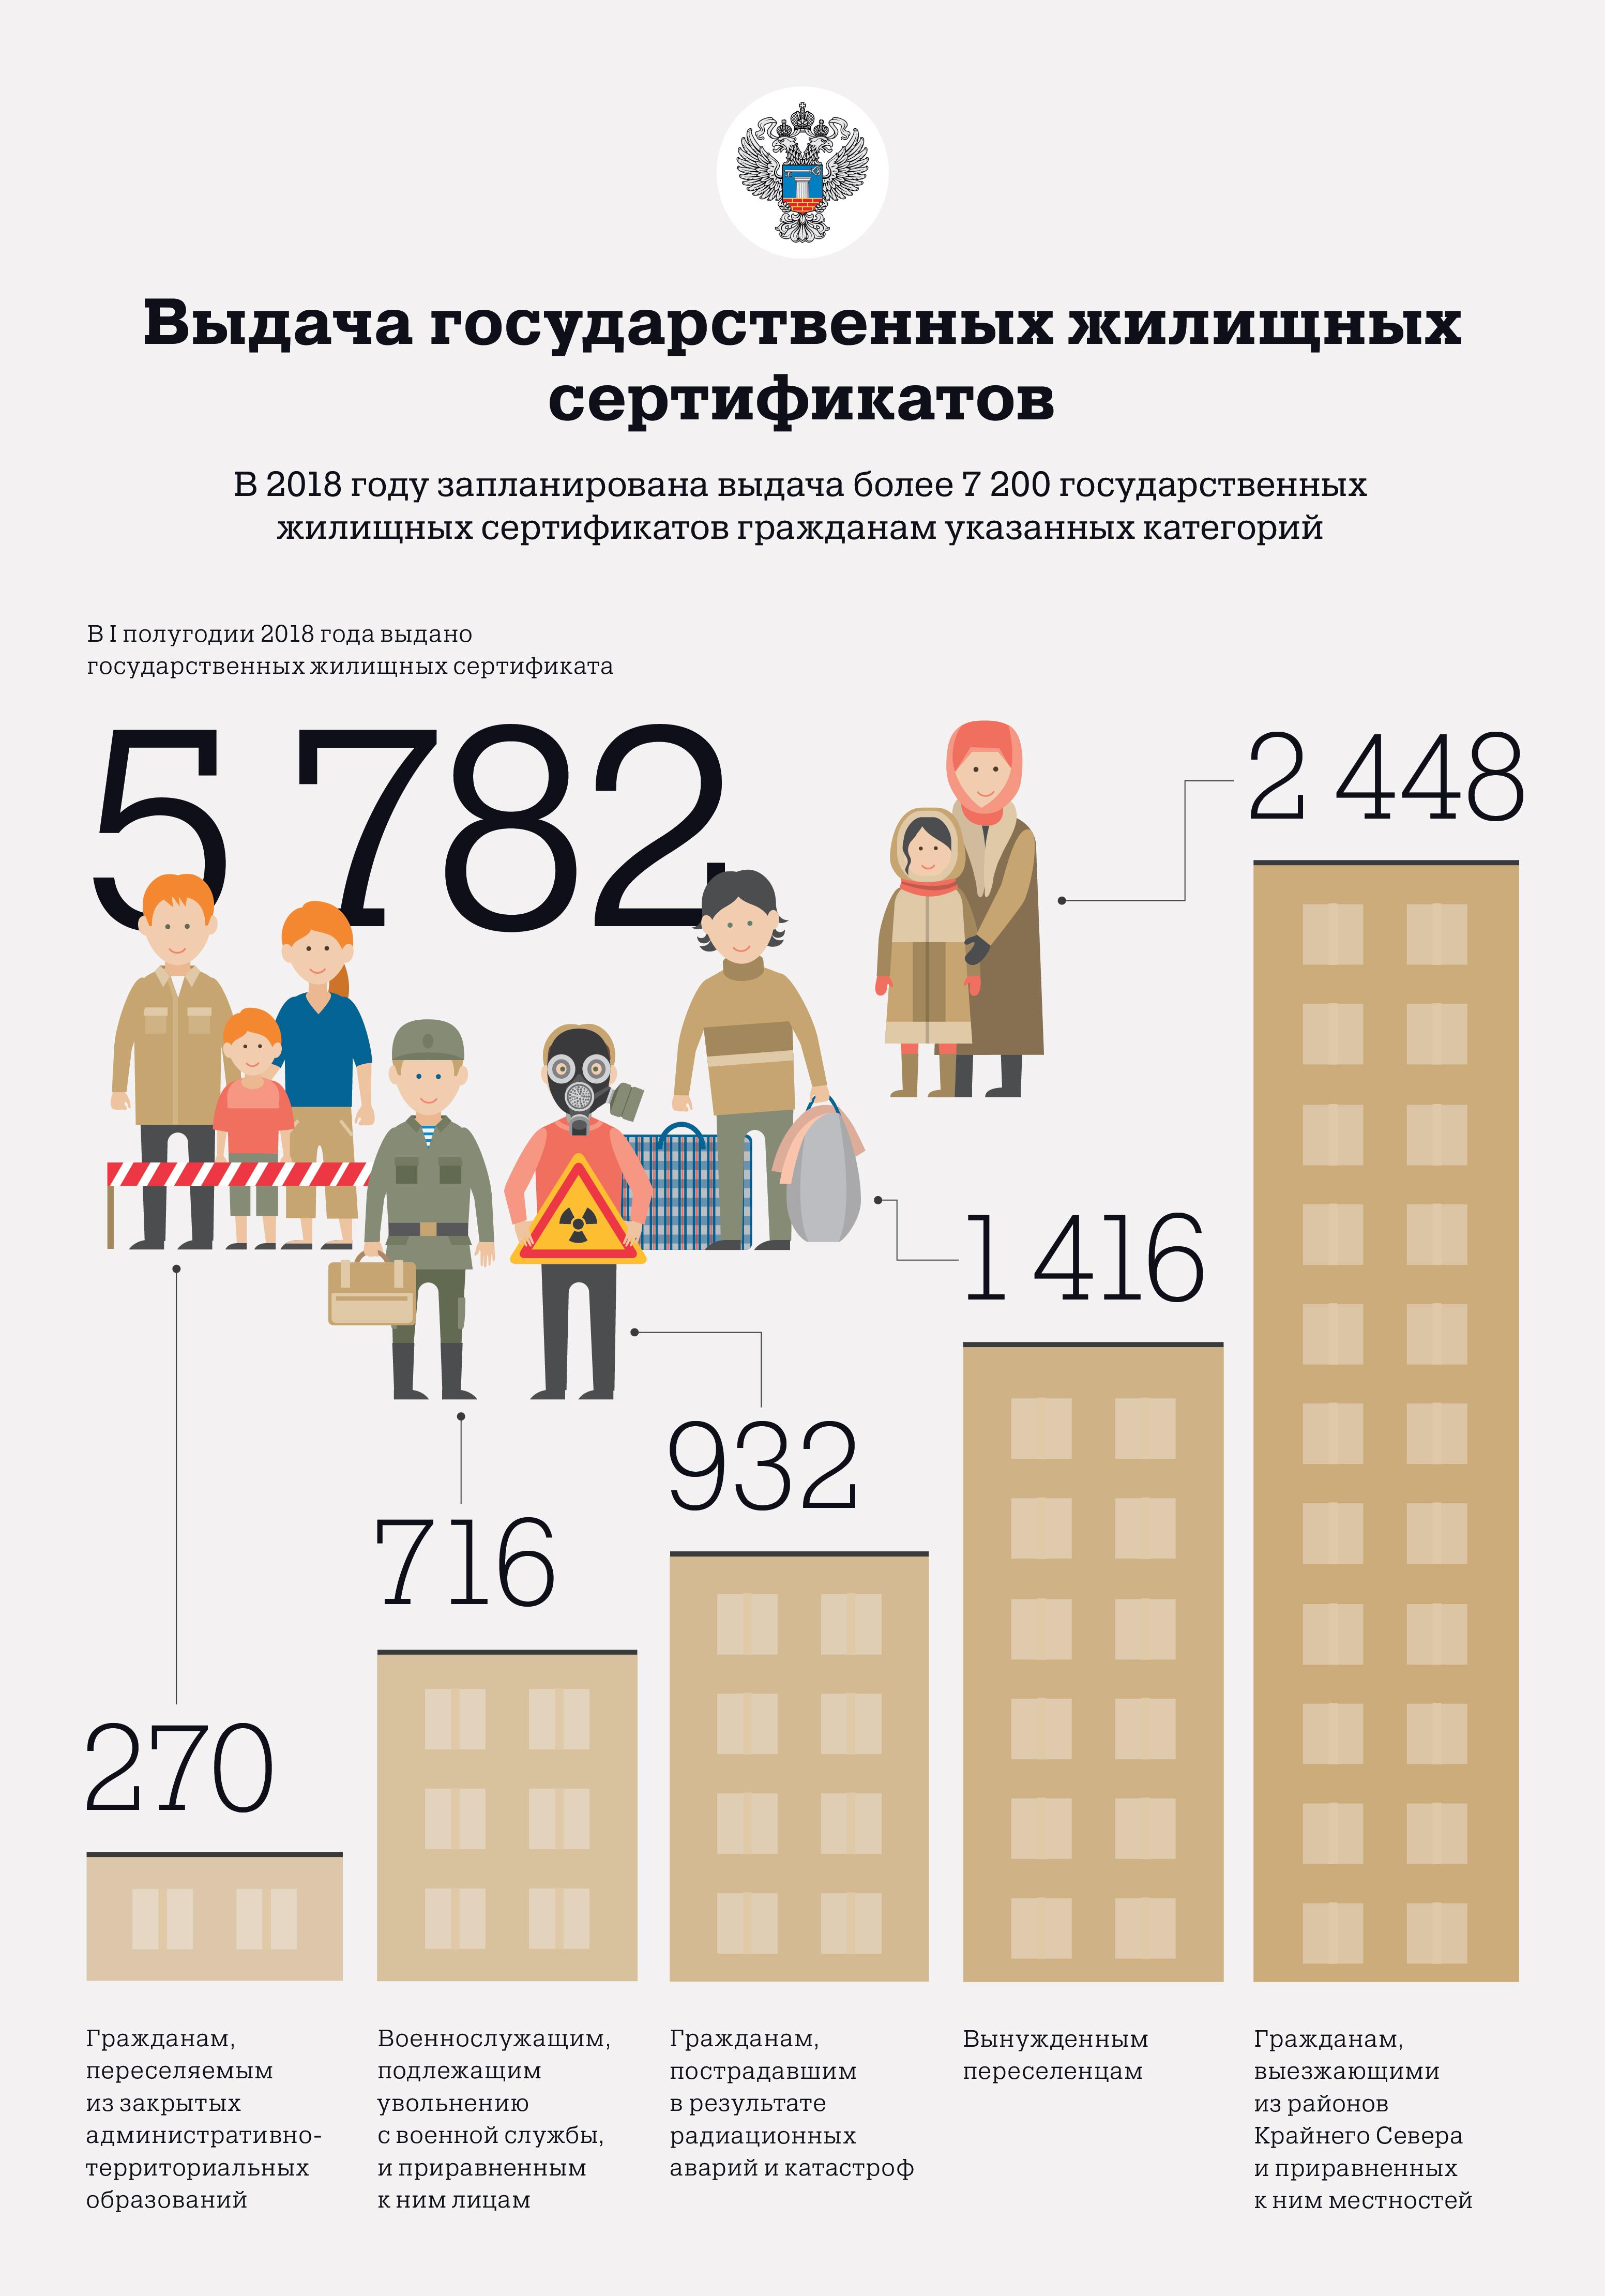 Выдача государственных жилищных сертификатов. Итоги полугодия 2018